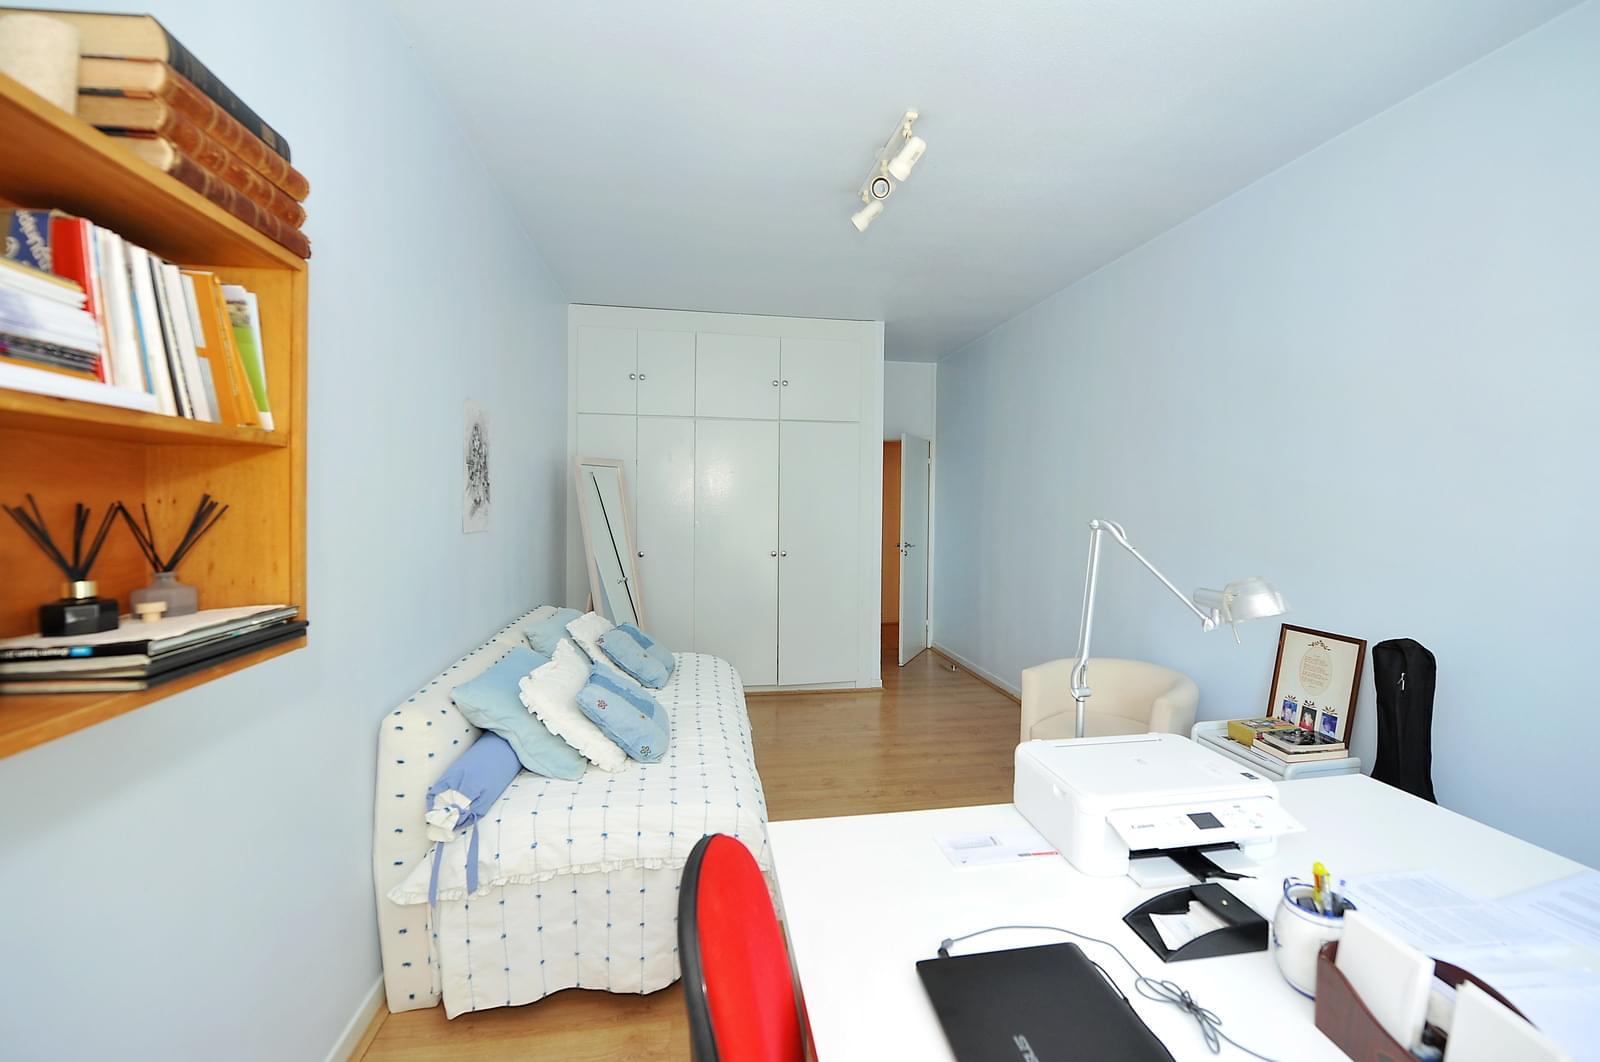 pf17071-apartamento-t4-oeiras-715f96d8-651d-43be-87b7-daa8f12db07b